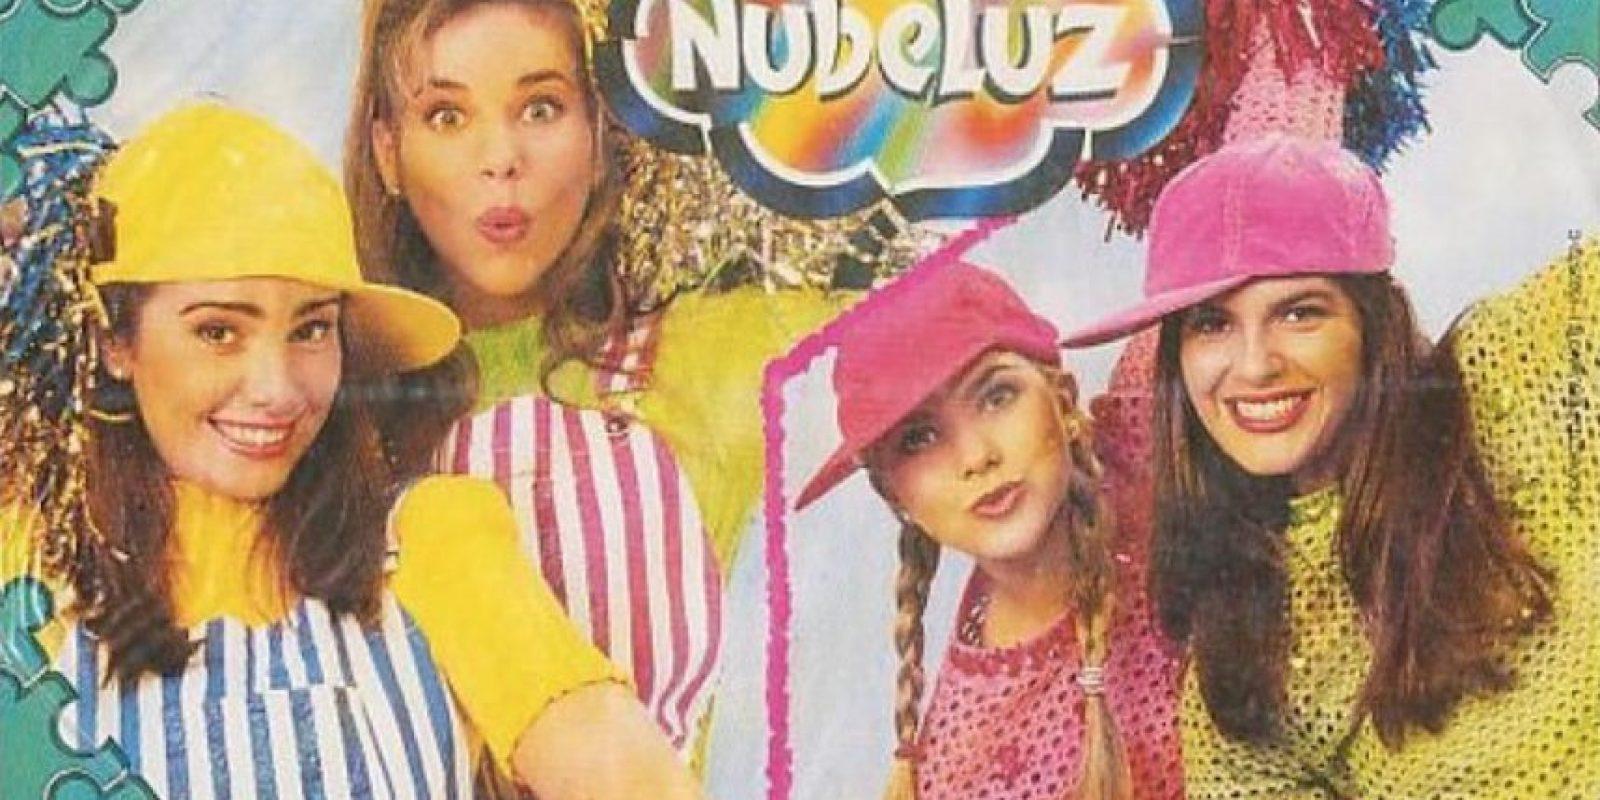 """Alemndra Gomelsky, Lilianne Kubiliun, Xiomara Xibille y Mónica Santa María. Dalinas de """"Nubeluz"""" entre 1990 y 1995 Foto:Coveralia"""